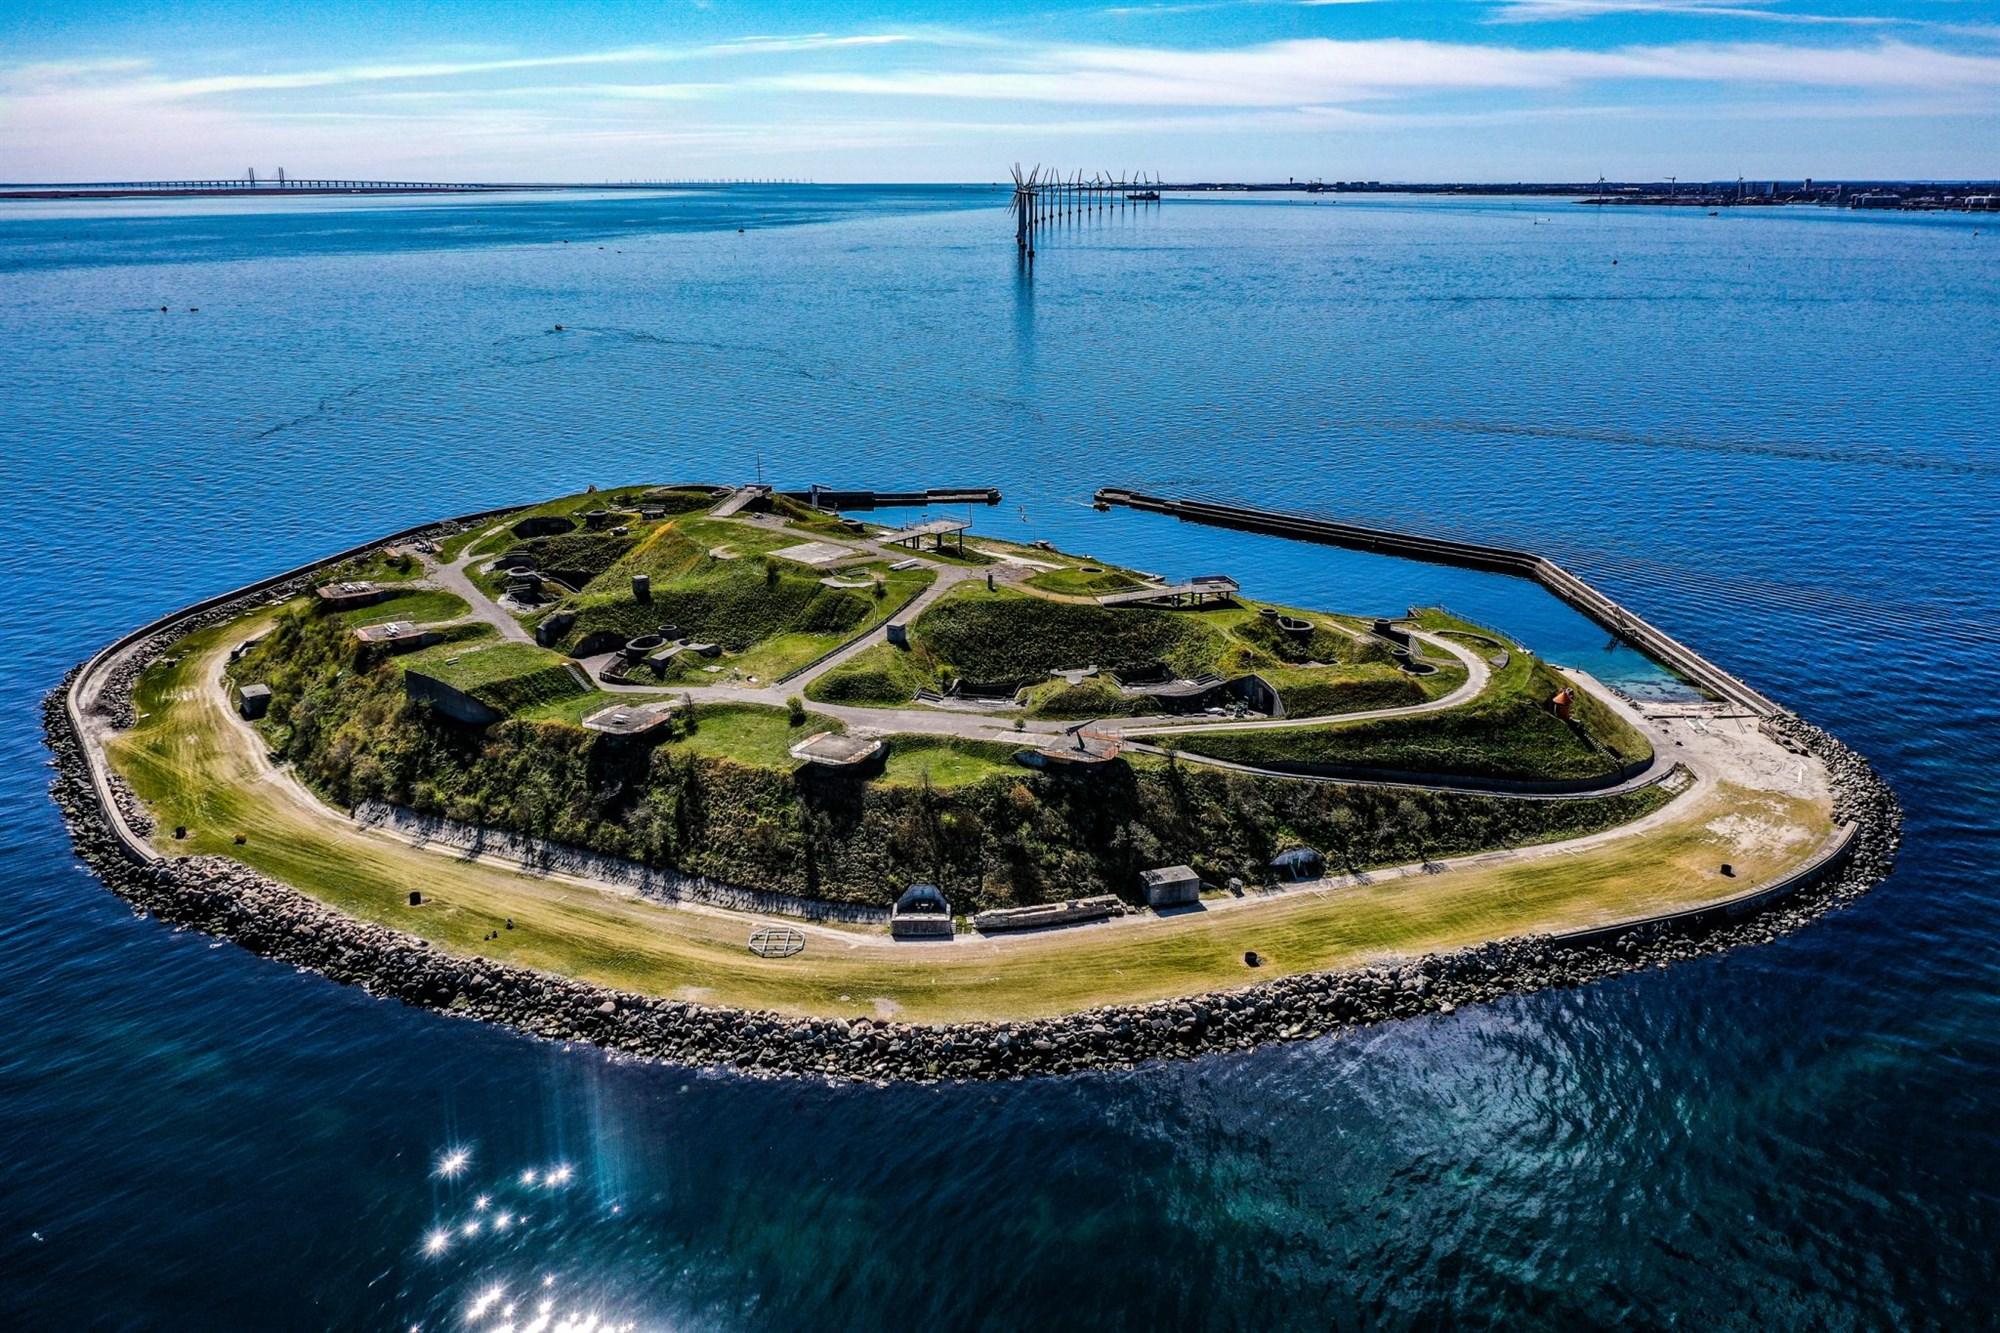 Dinamarca construirá isla artificial para salvar a miles de personas